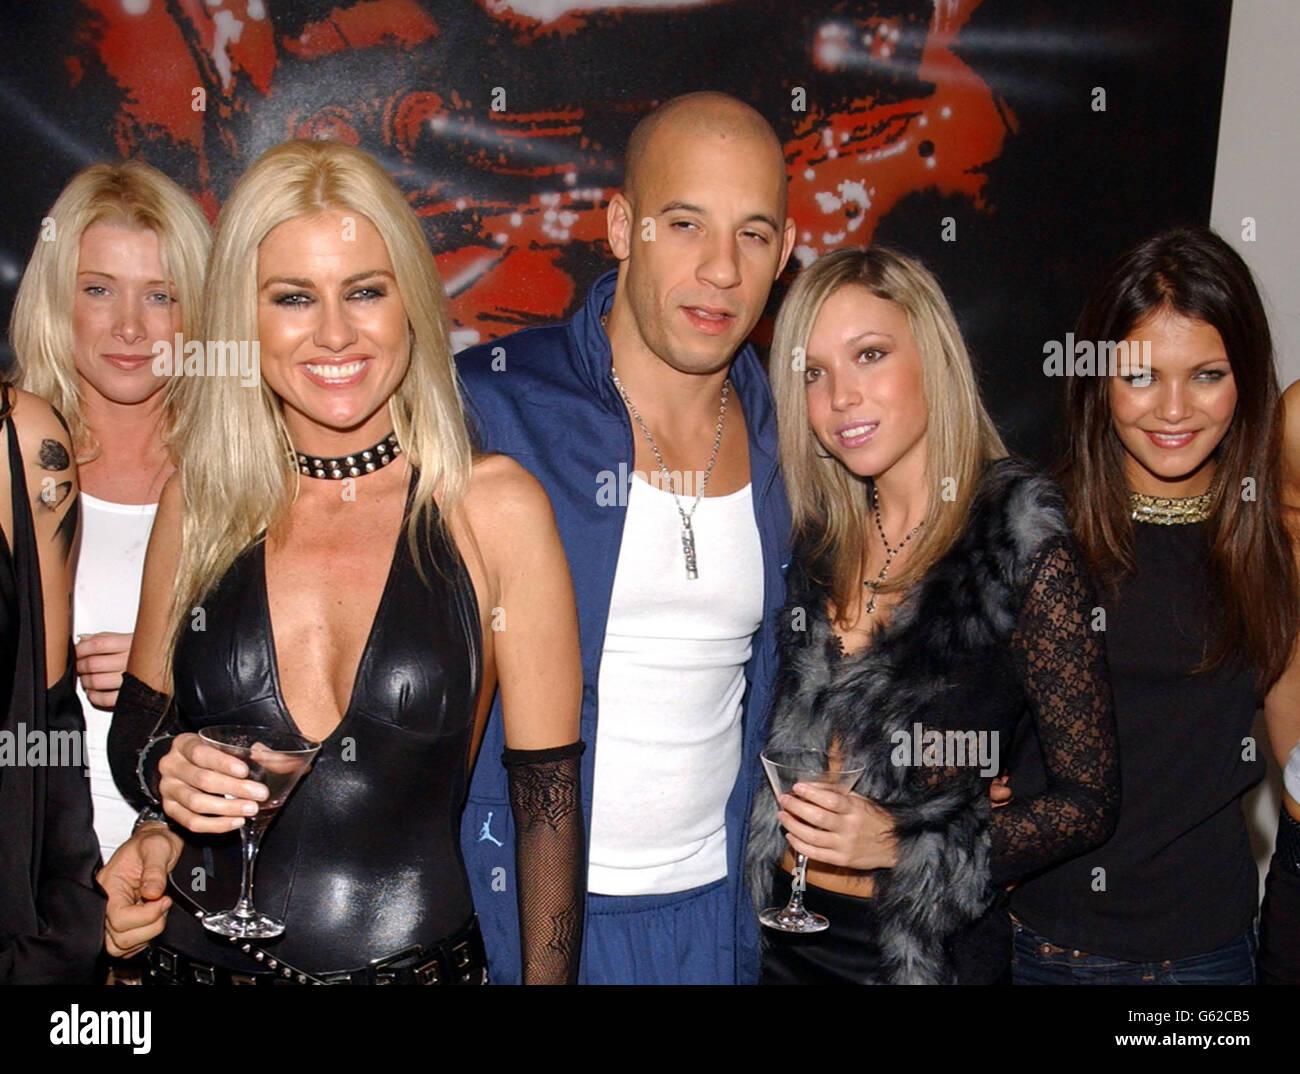 ebony night club porn